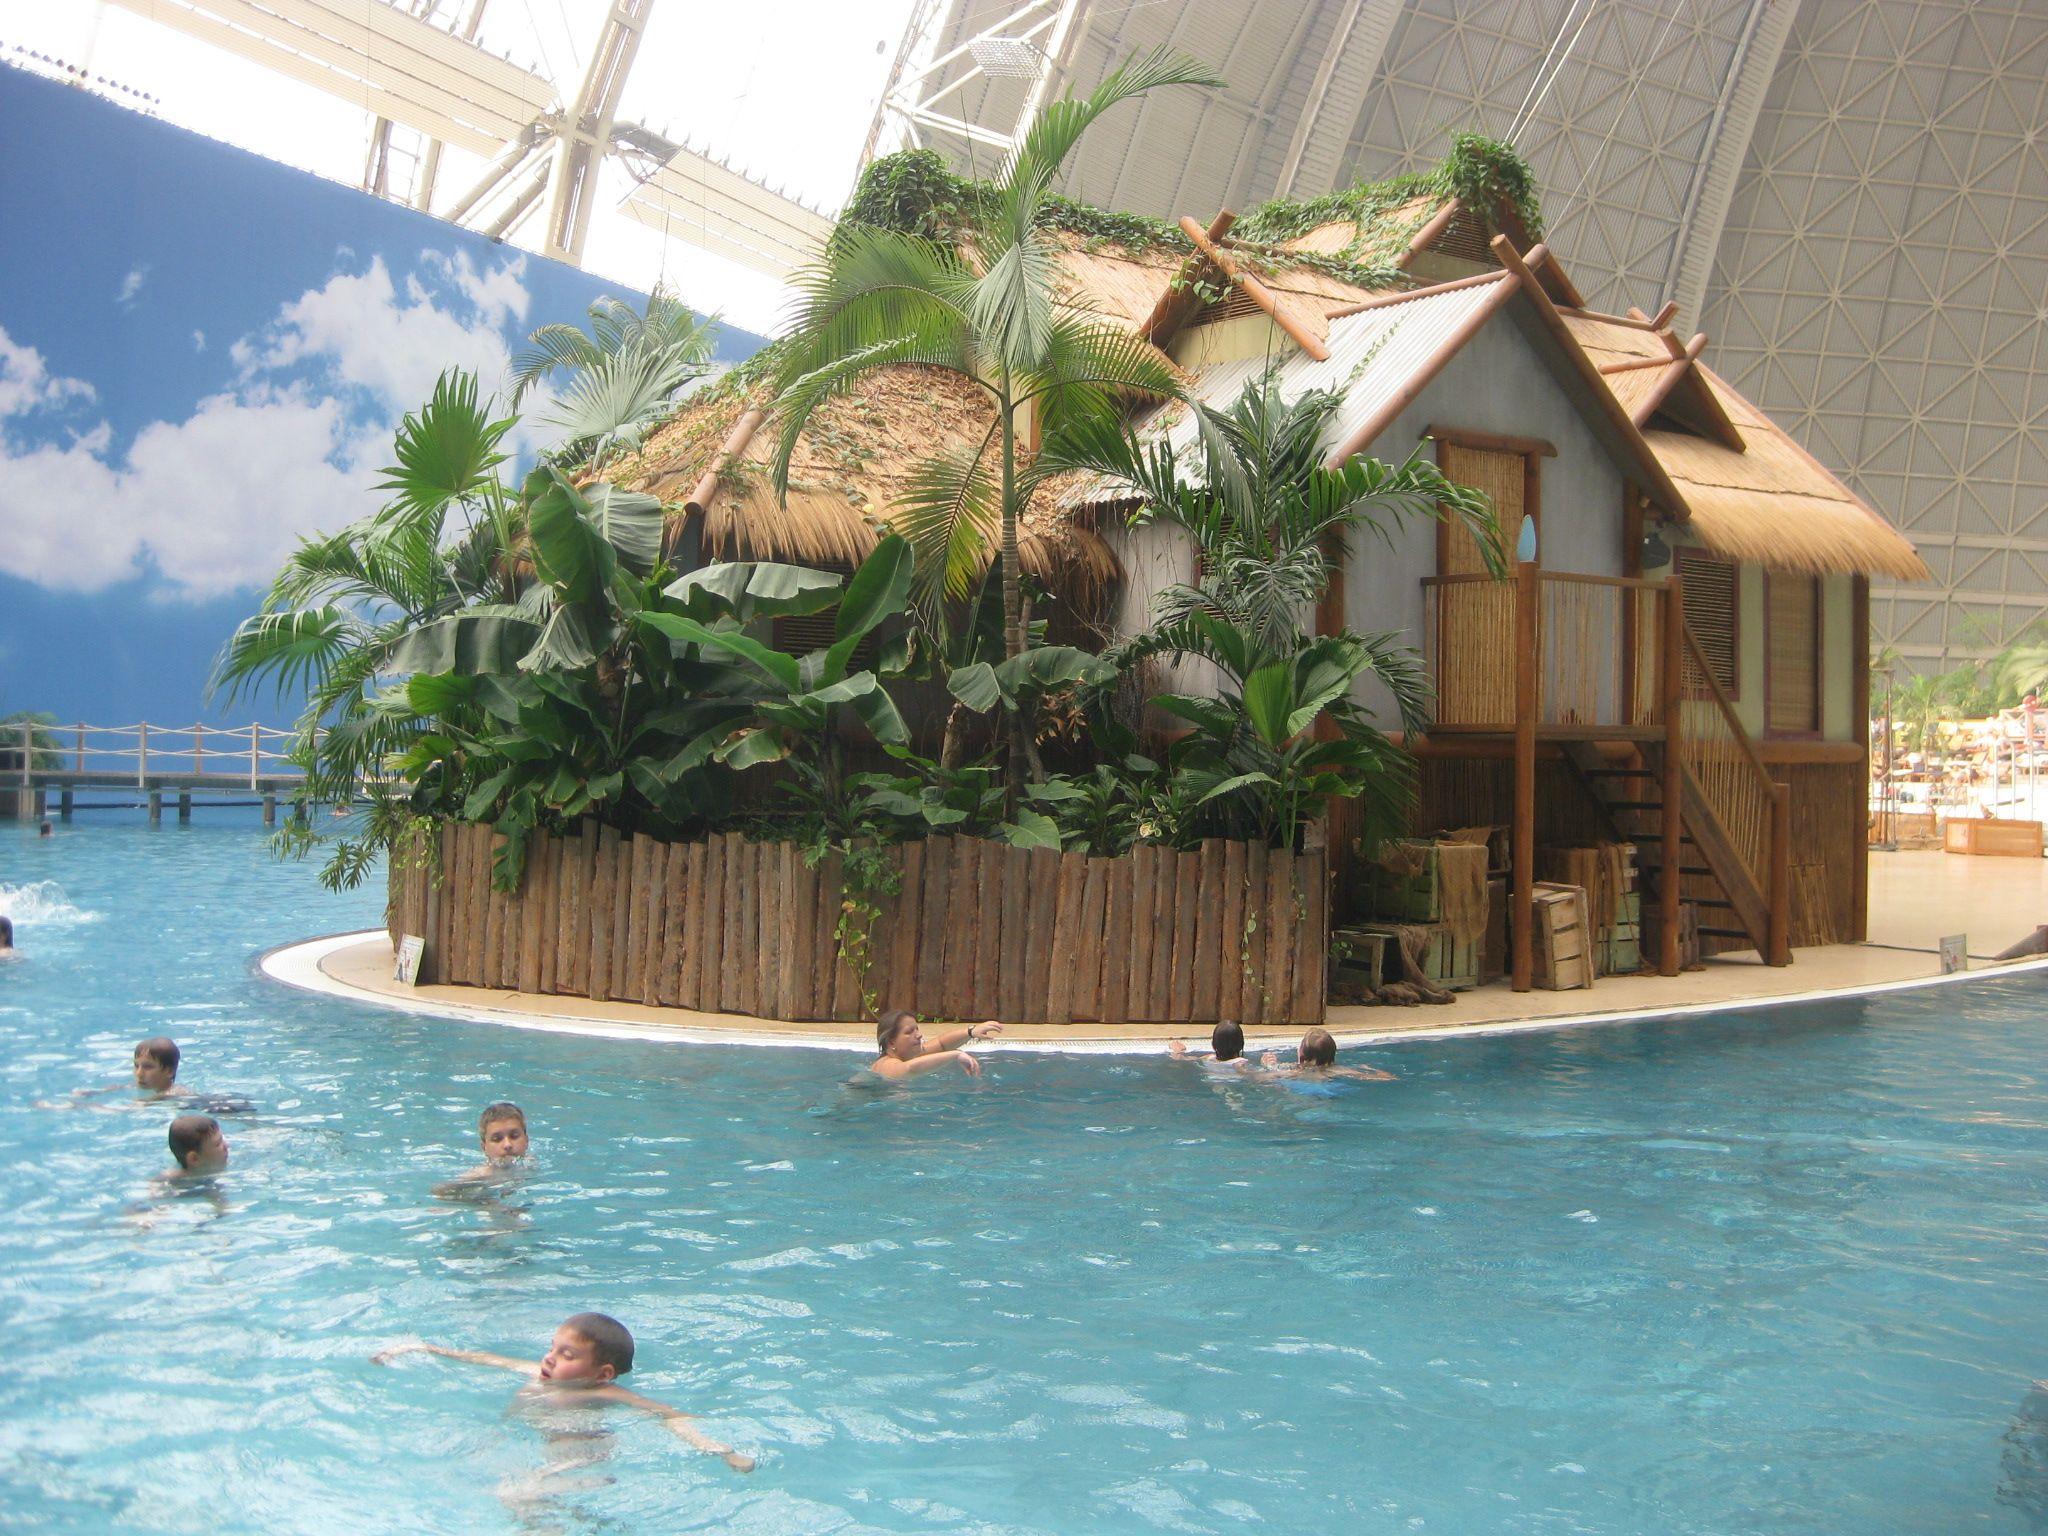 Tropical Islands Berlin Tropical Islands Resort Tropical Islands